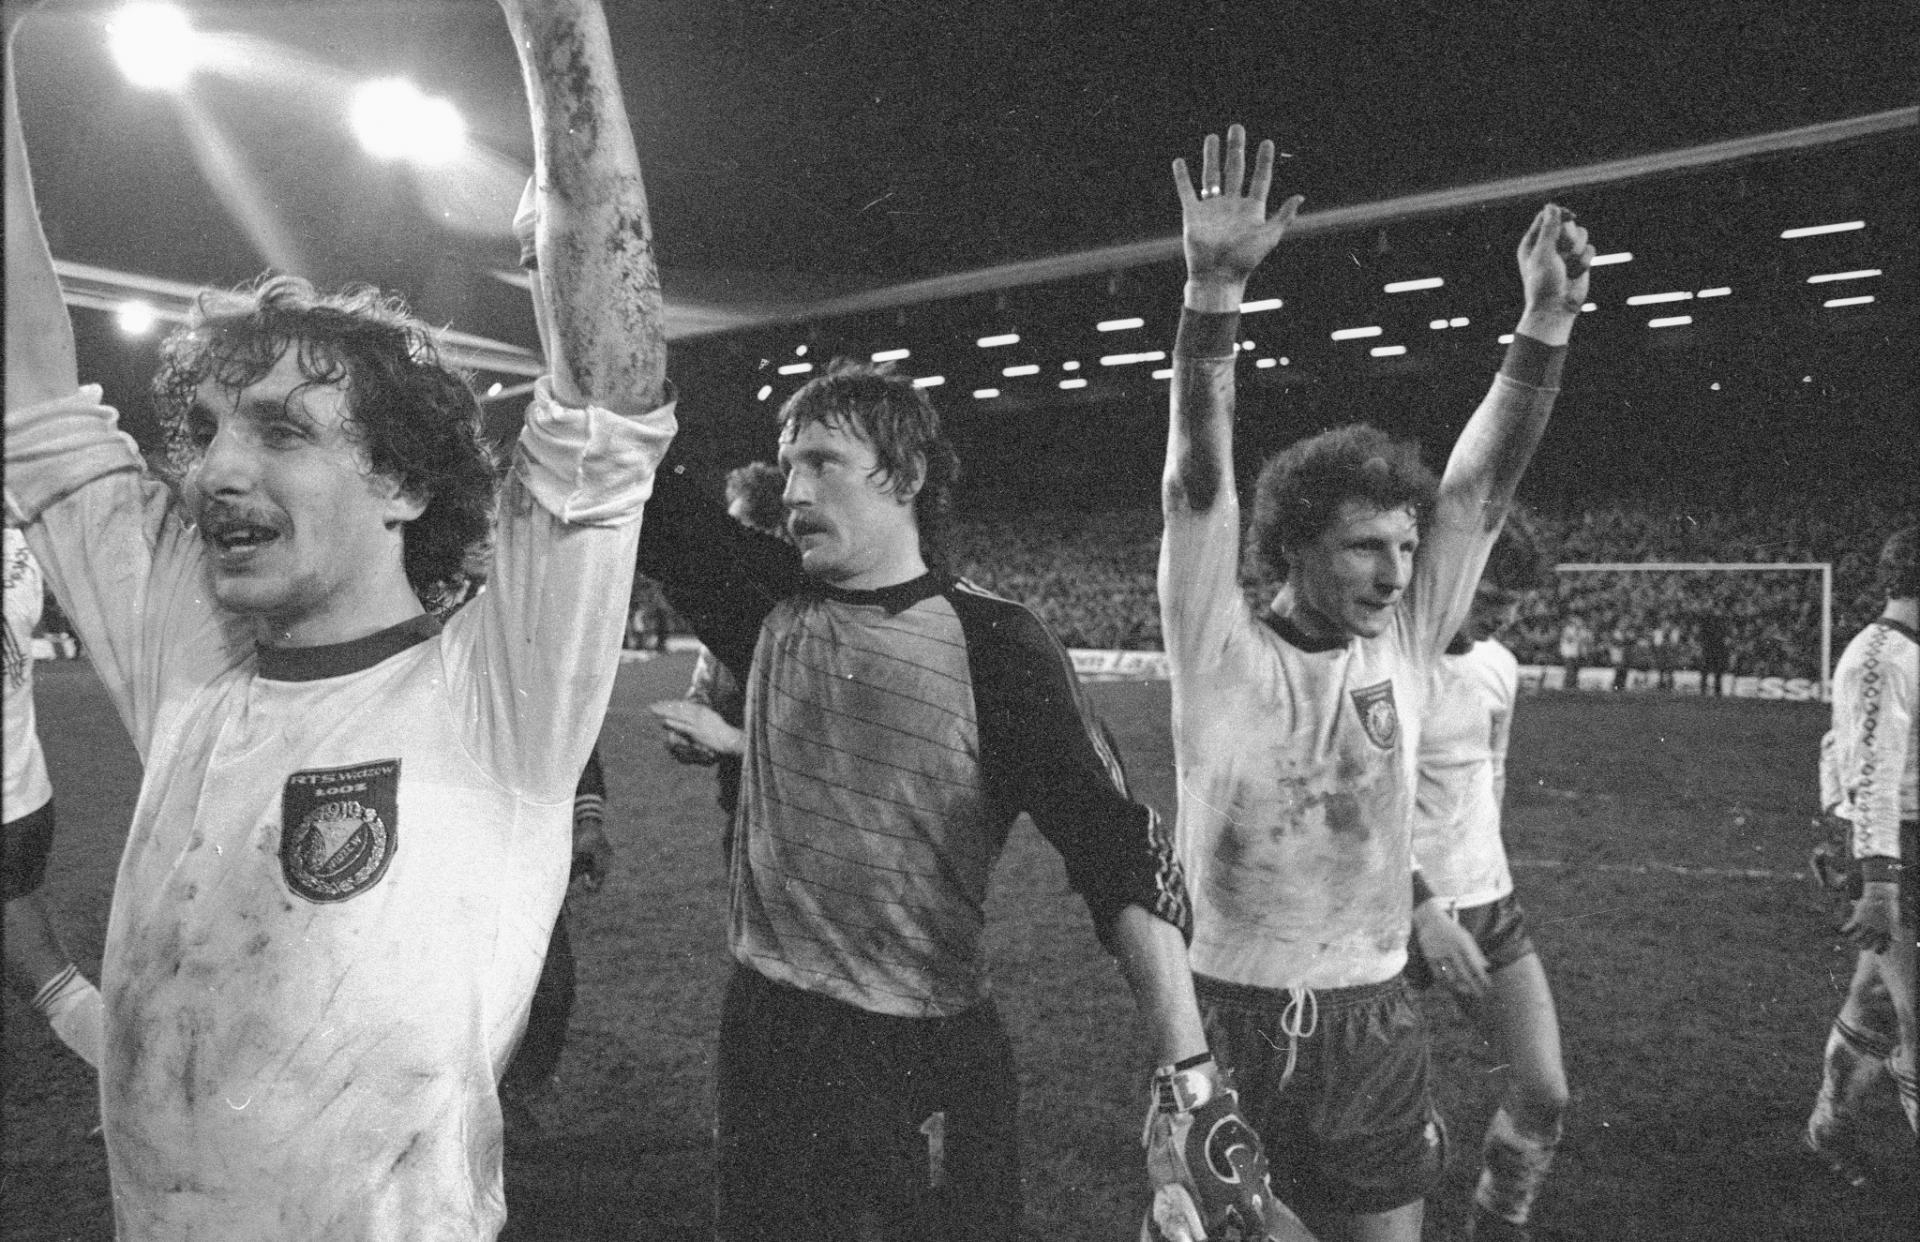 Piotr Romke, Józef Młynarczyk, Krzysztof Surlit po meczu Liverpool FC - Widzew Łódź 3:2 (16.03.1983).